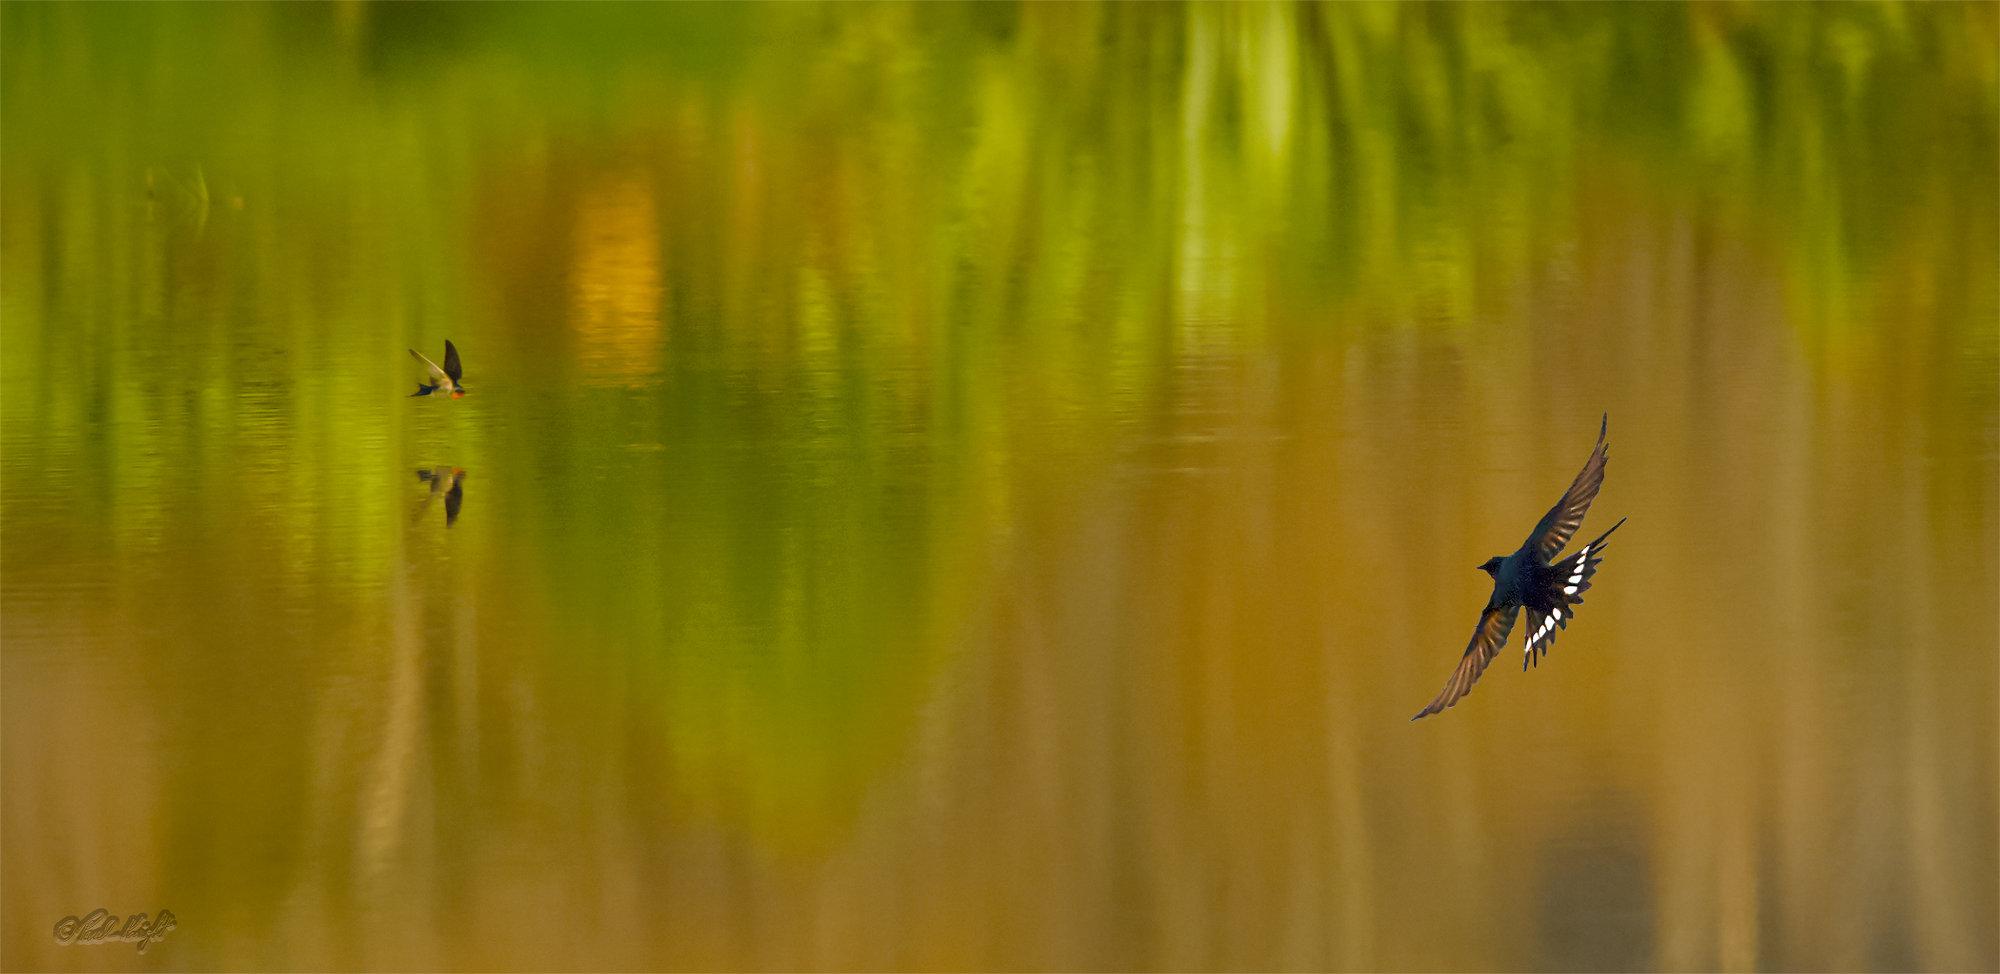 Swallows over Chrystall's Lagoon, Otaki, N.Z #0051